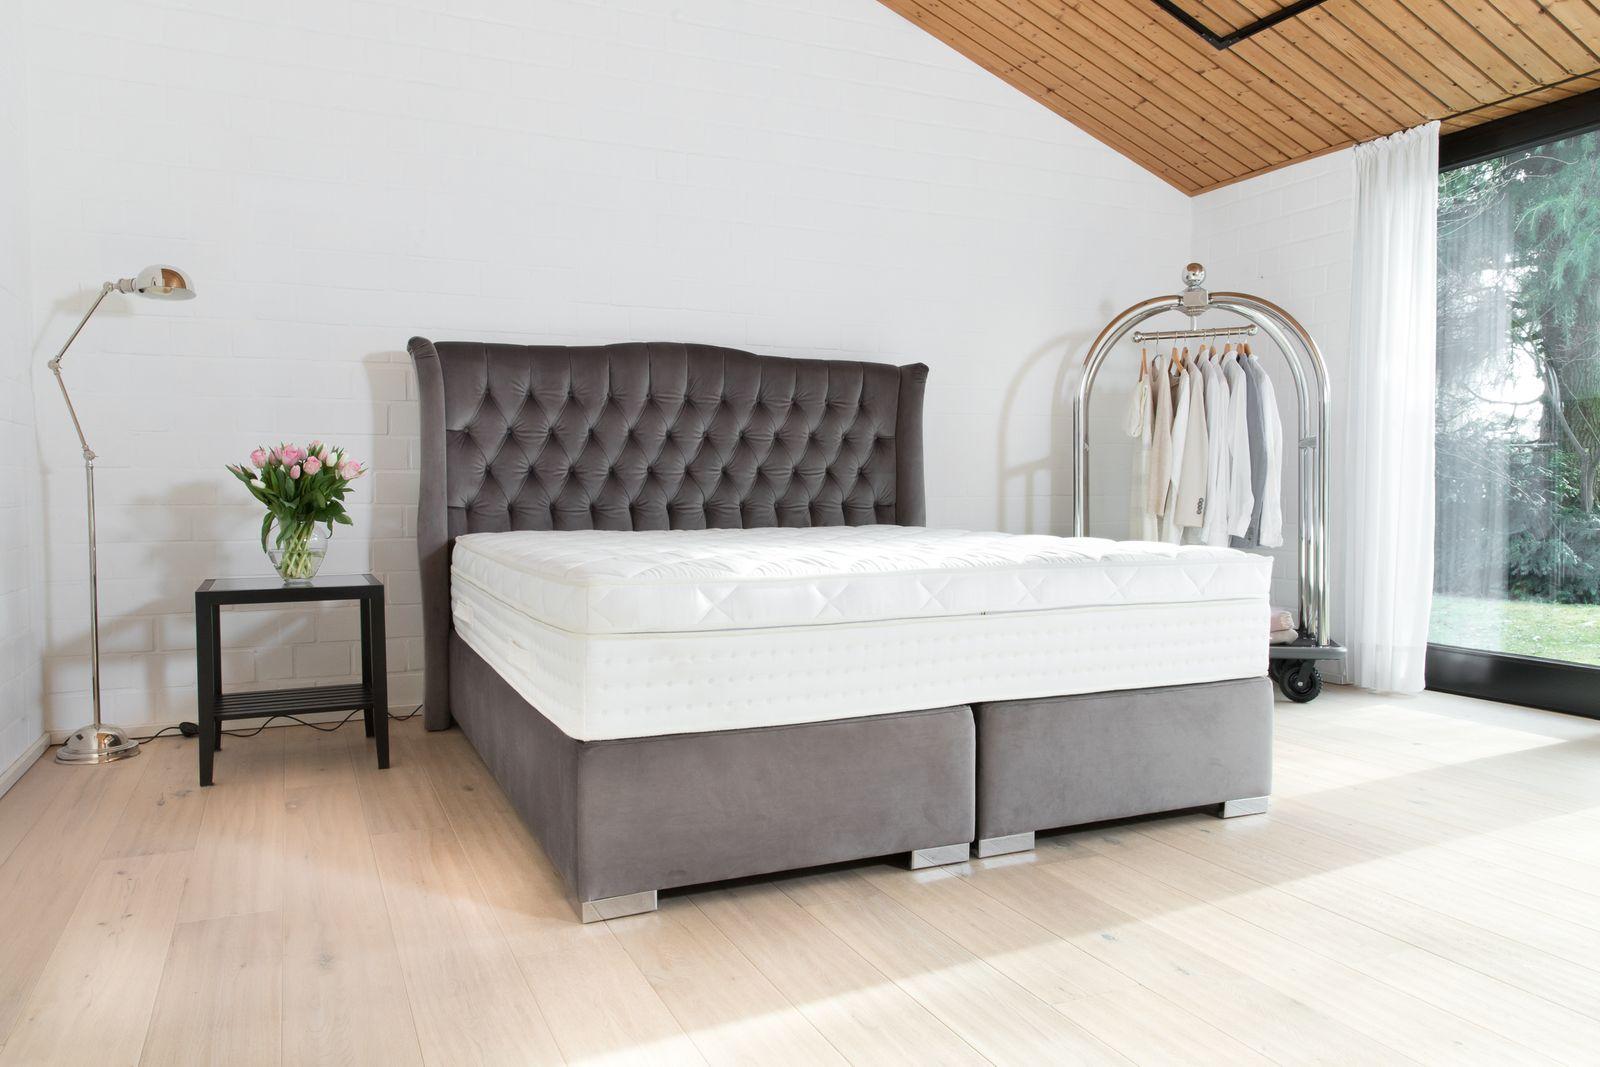 boxspringbett espressivo nach ma handgefertigt in deutscher manufaktur. Black Bedroom Furniture Sets. Home Design Ideas